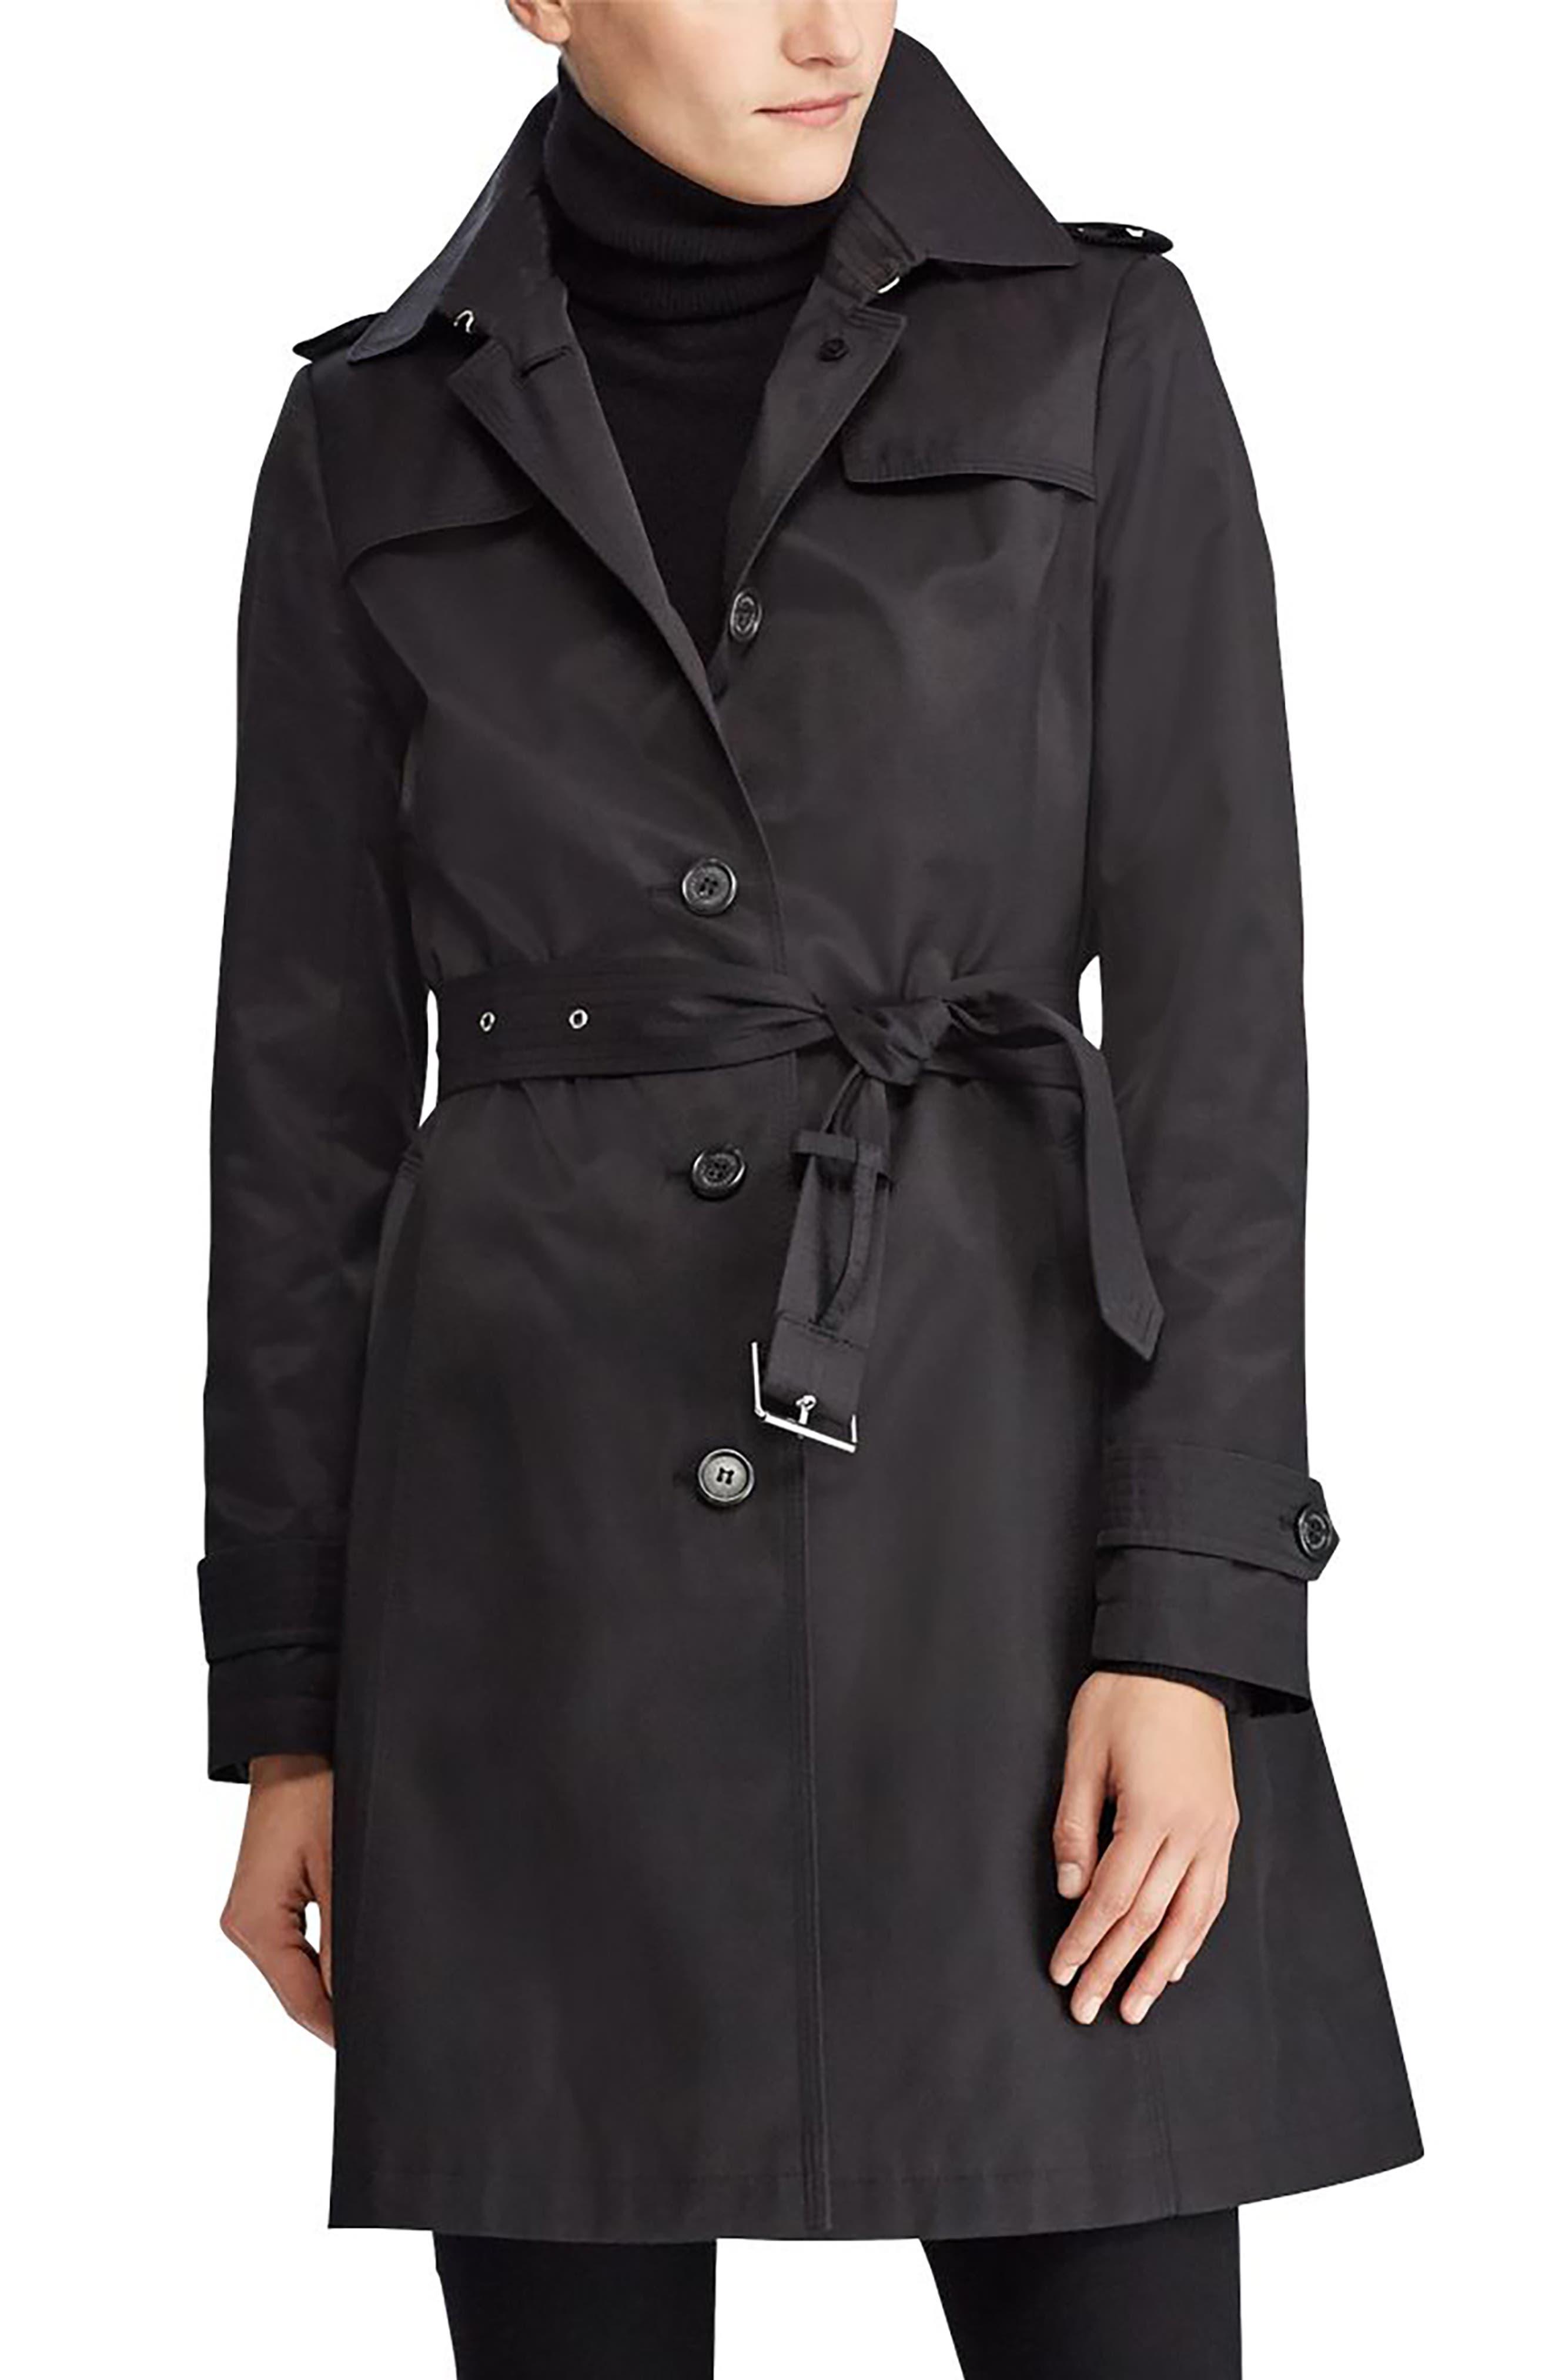 Alternate Image 1 Selected - Lauren Ralph Lauren Trench Coat (Petite)